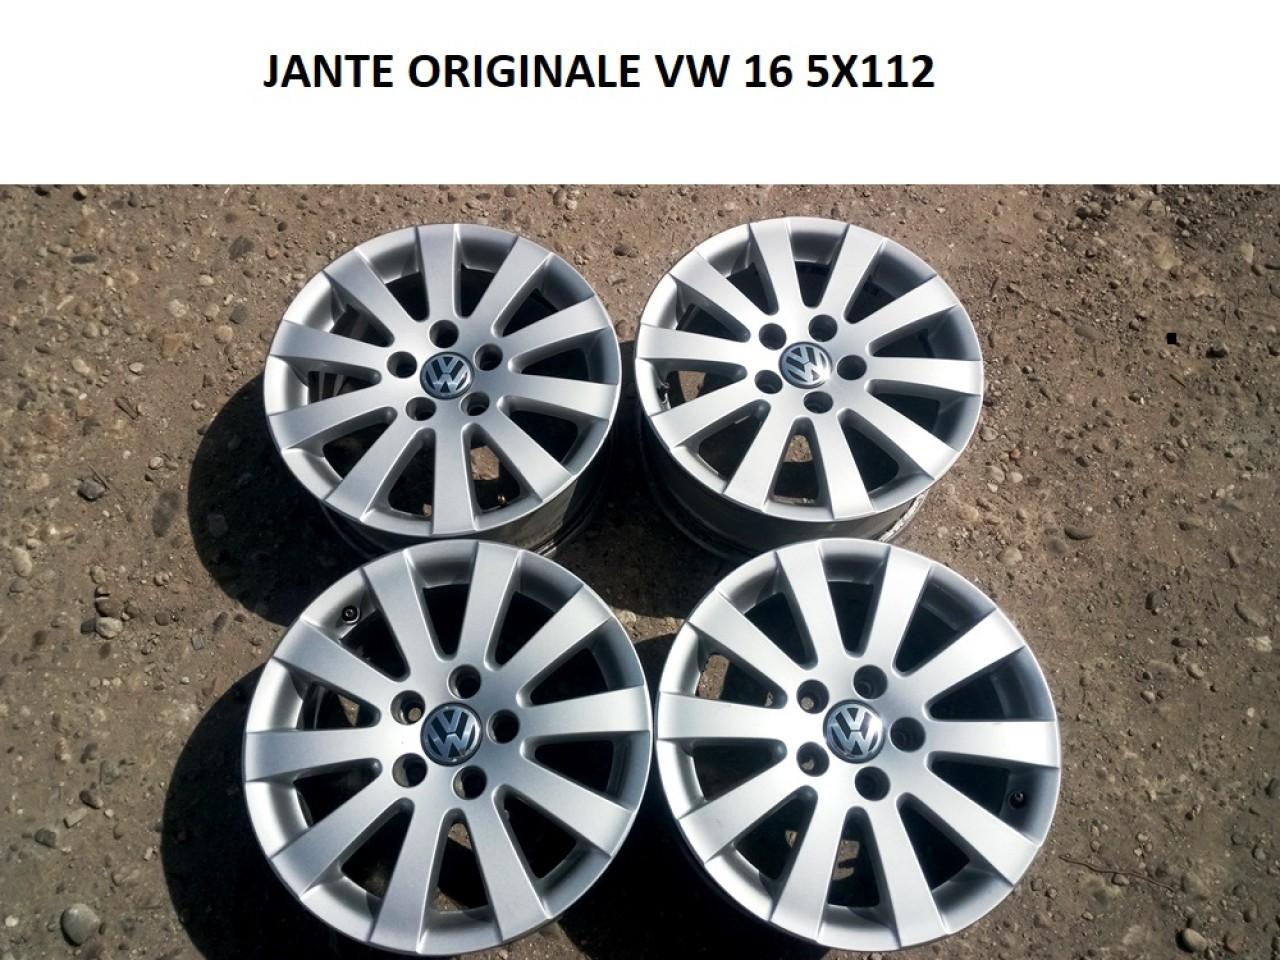 JANTE ORIGINALE VW 16 5X112